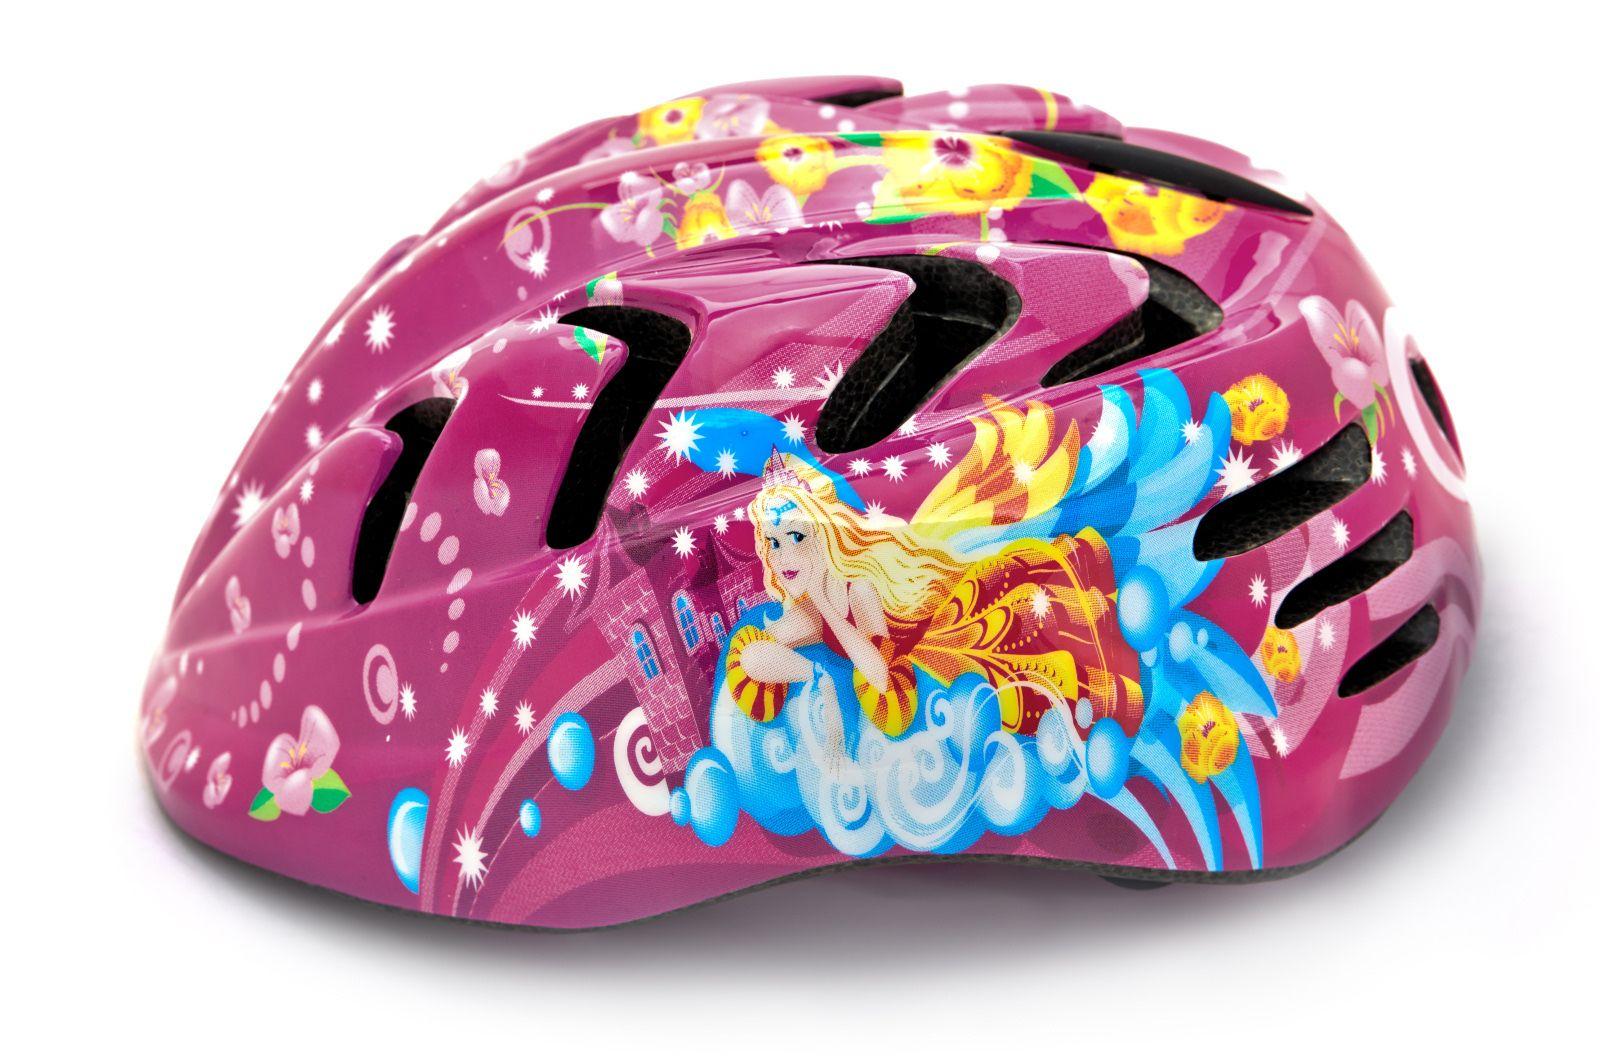 Вело Шлем VSH 7 детский розовый, р.S от Ravta